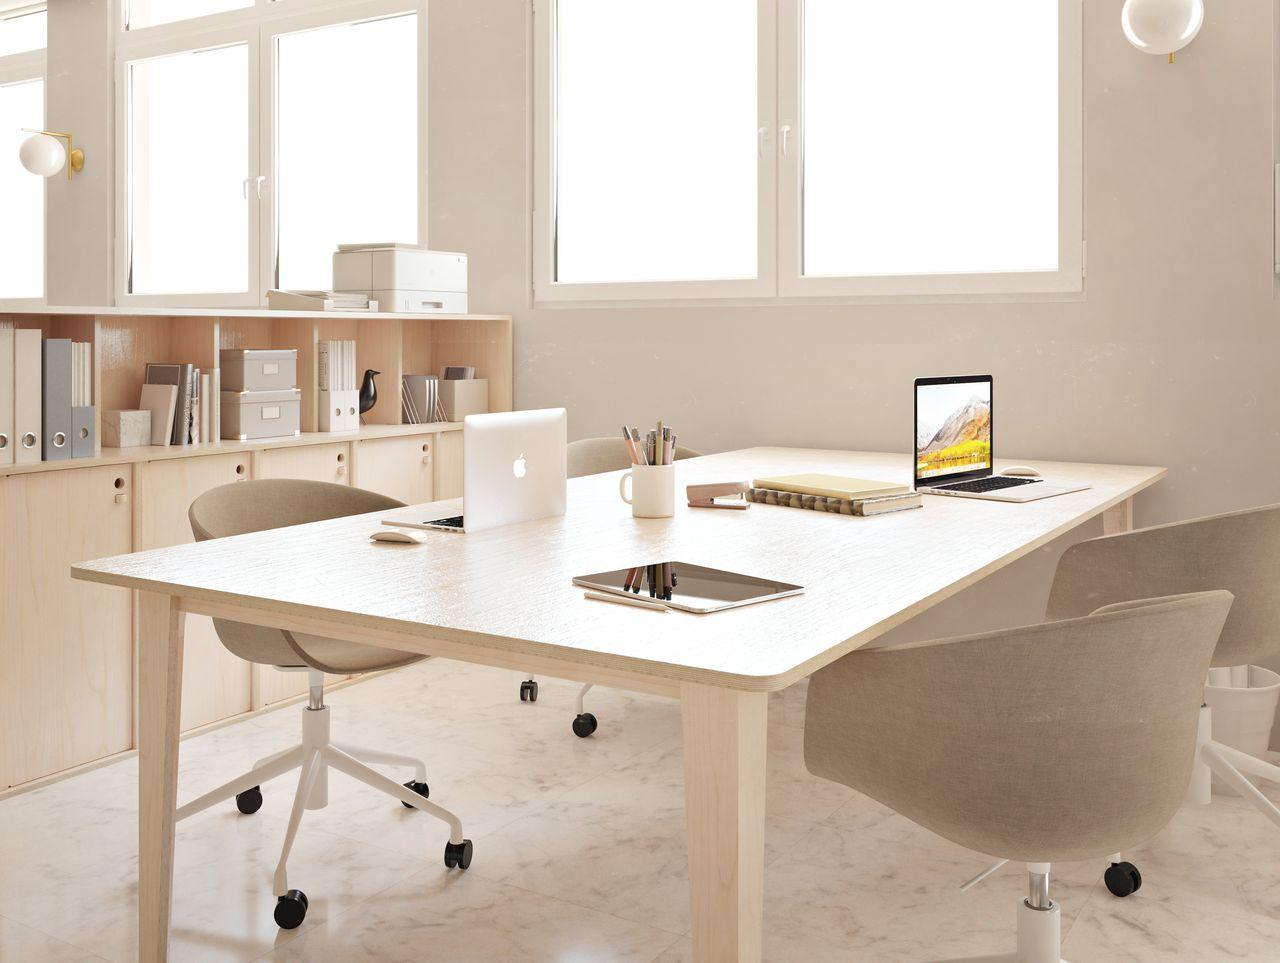 Bureau simple en bois dans un espace de travail au style contemporain avec ordinateurs sur le bureau